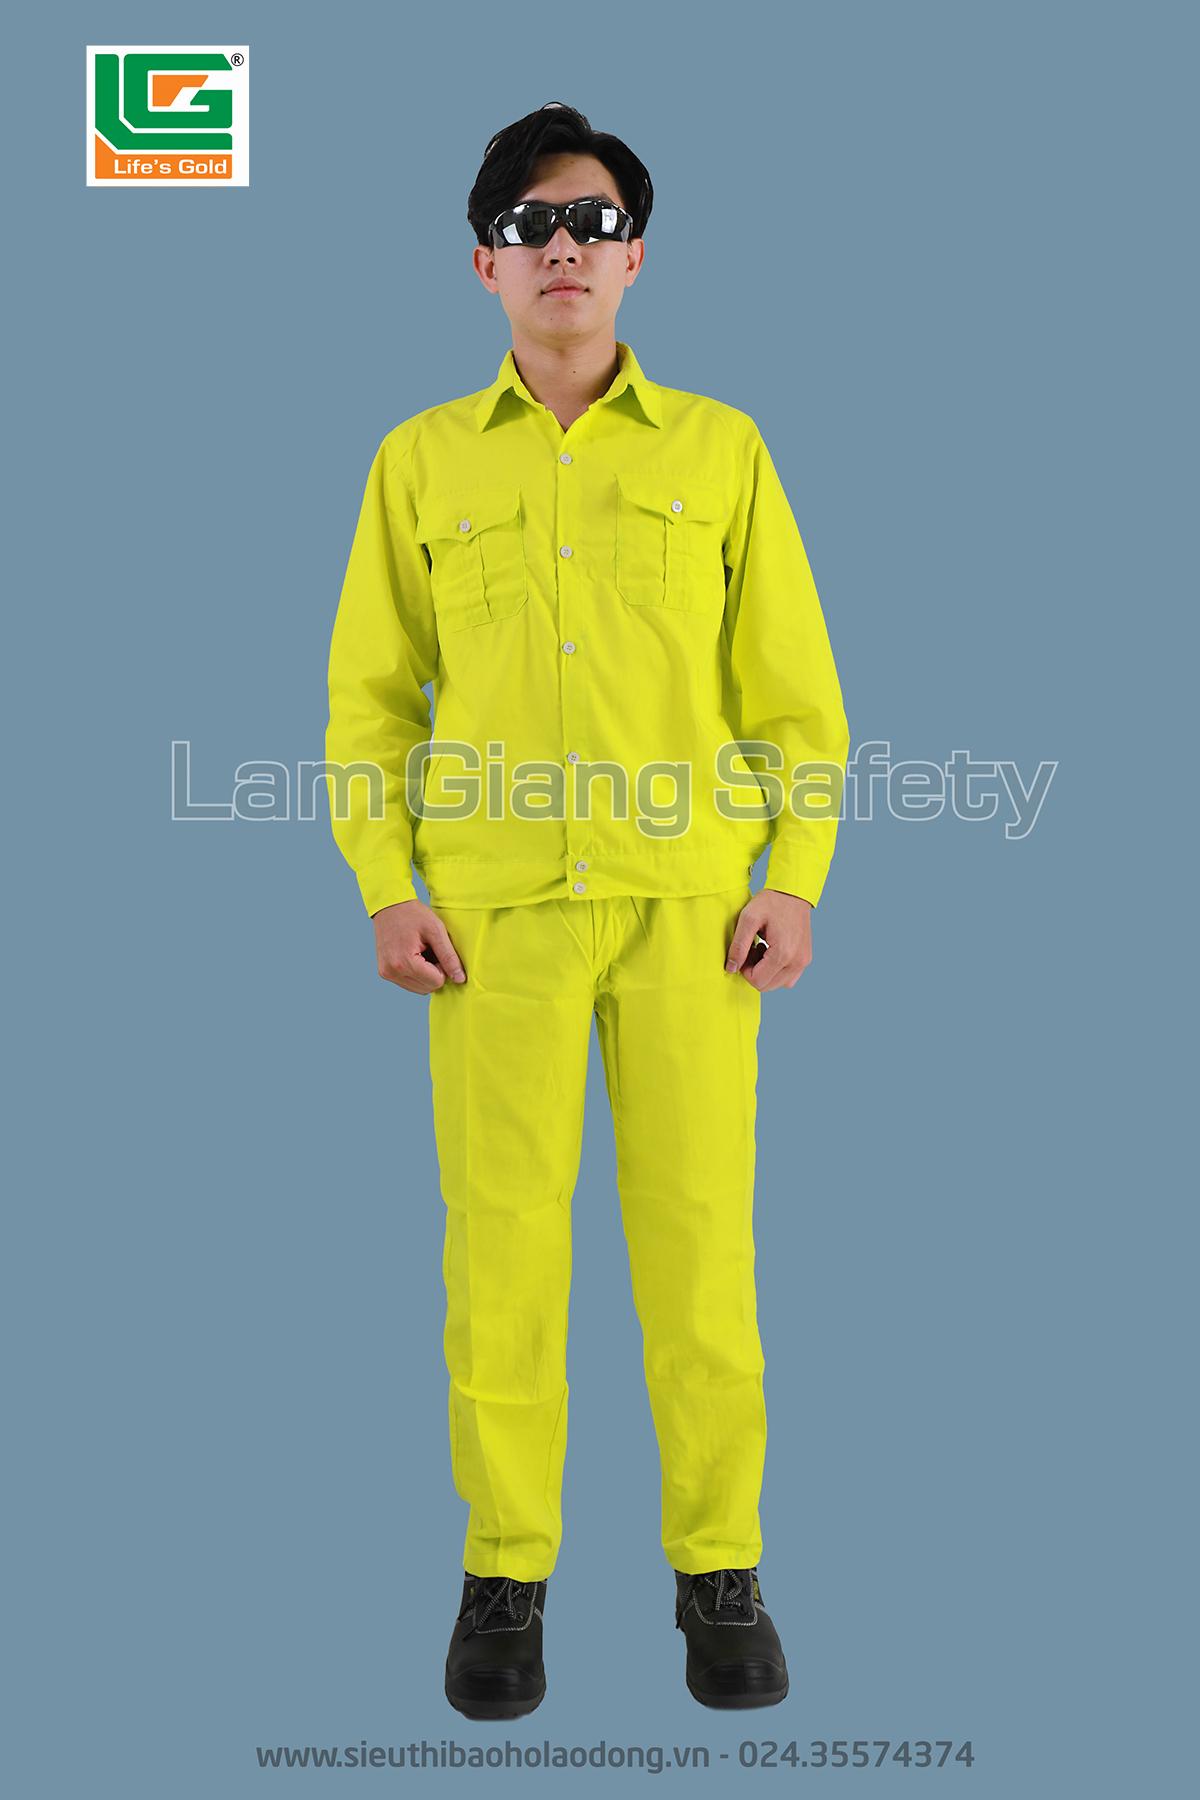 Quần áo bảo hộ màu vàng chanh vải kaki Nam Định